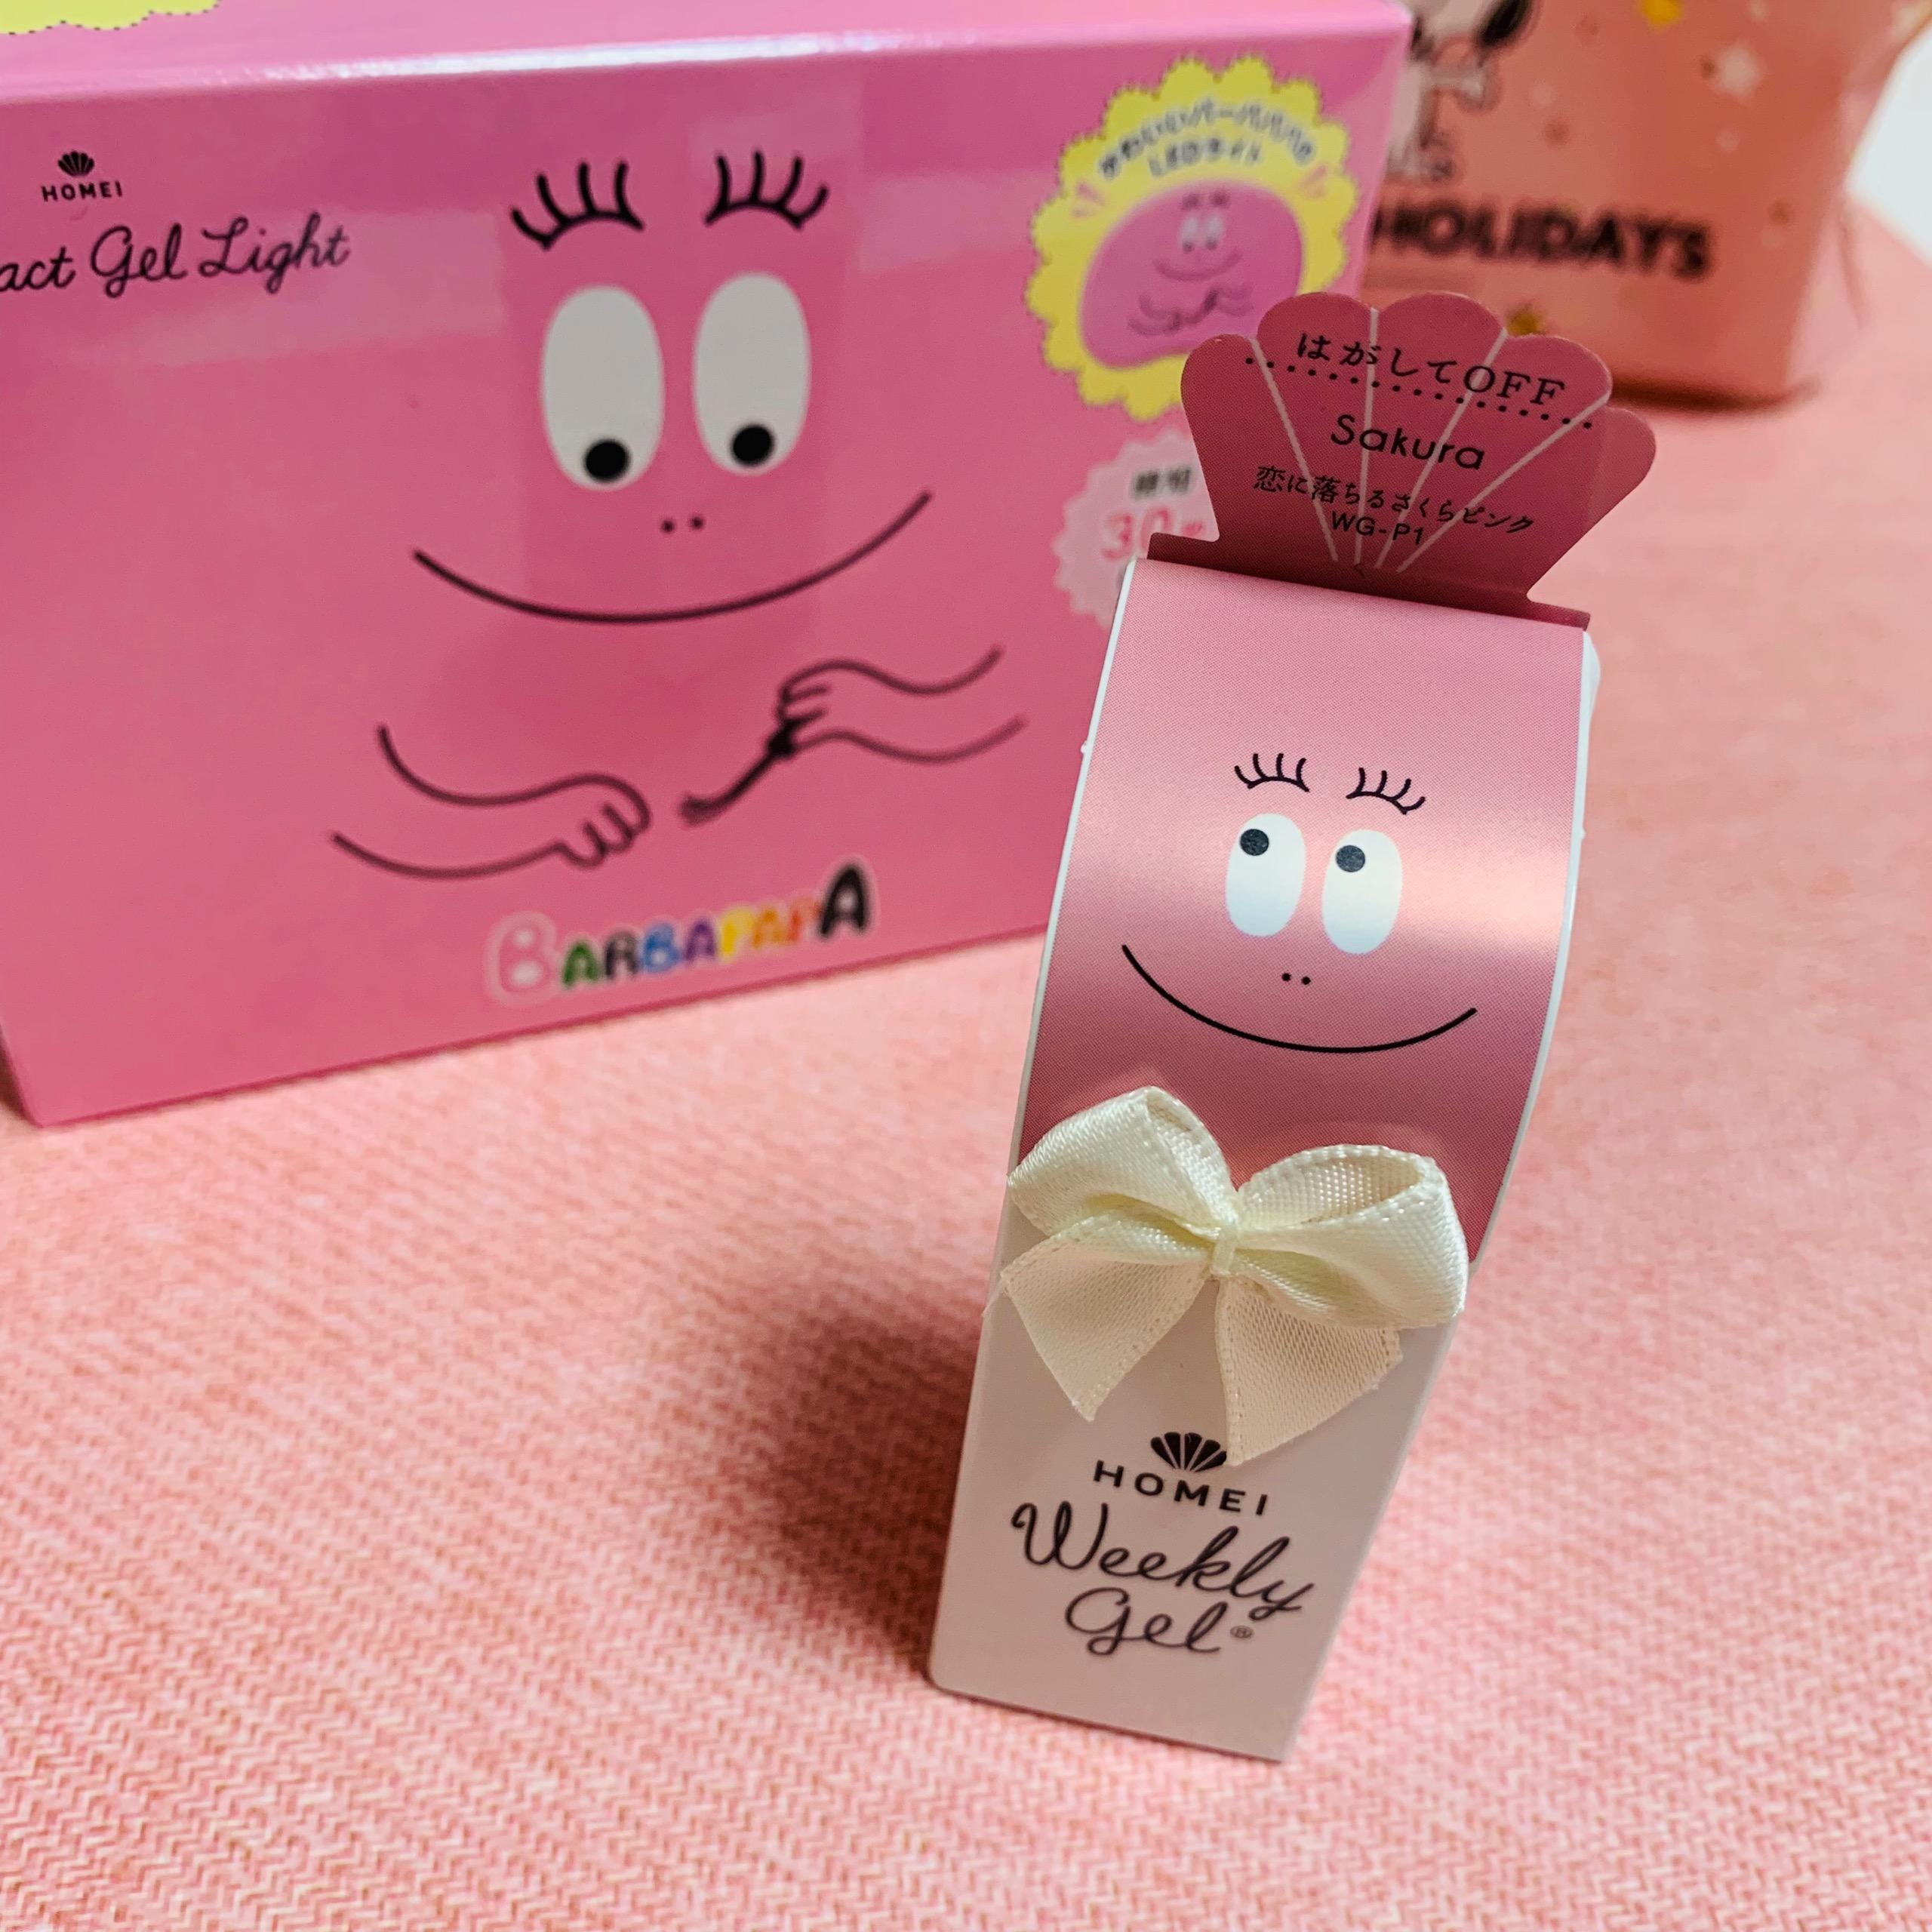 《可愛すぎる❤️と話題沸騰!》【PLAZA】で先行発売中の『バーバパパ』コラボアイテムが可愛すぎる☻!_2